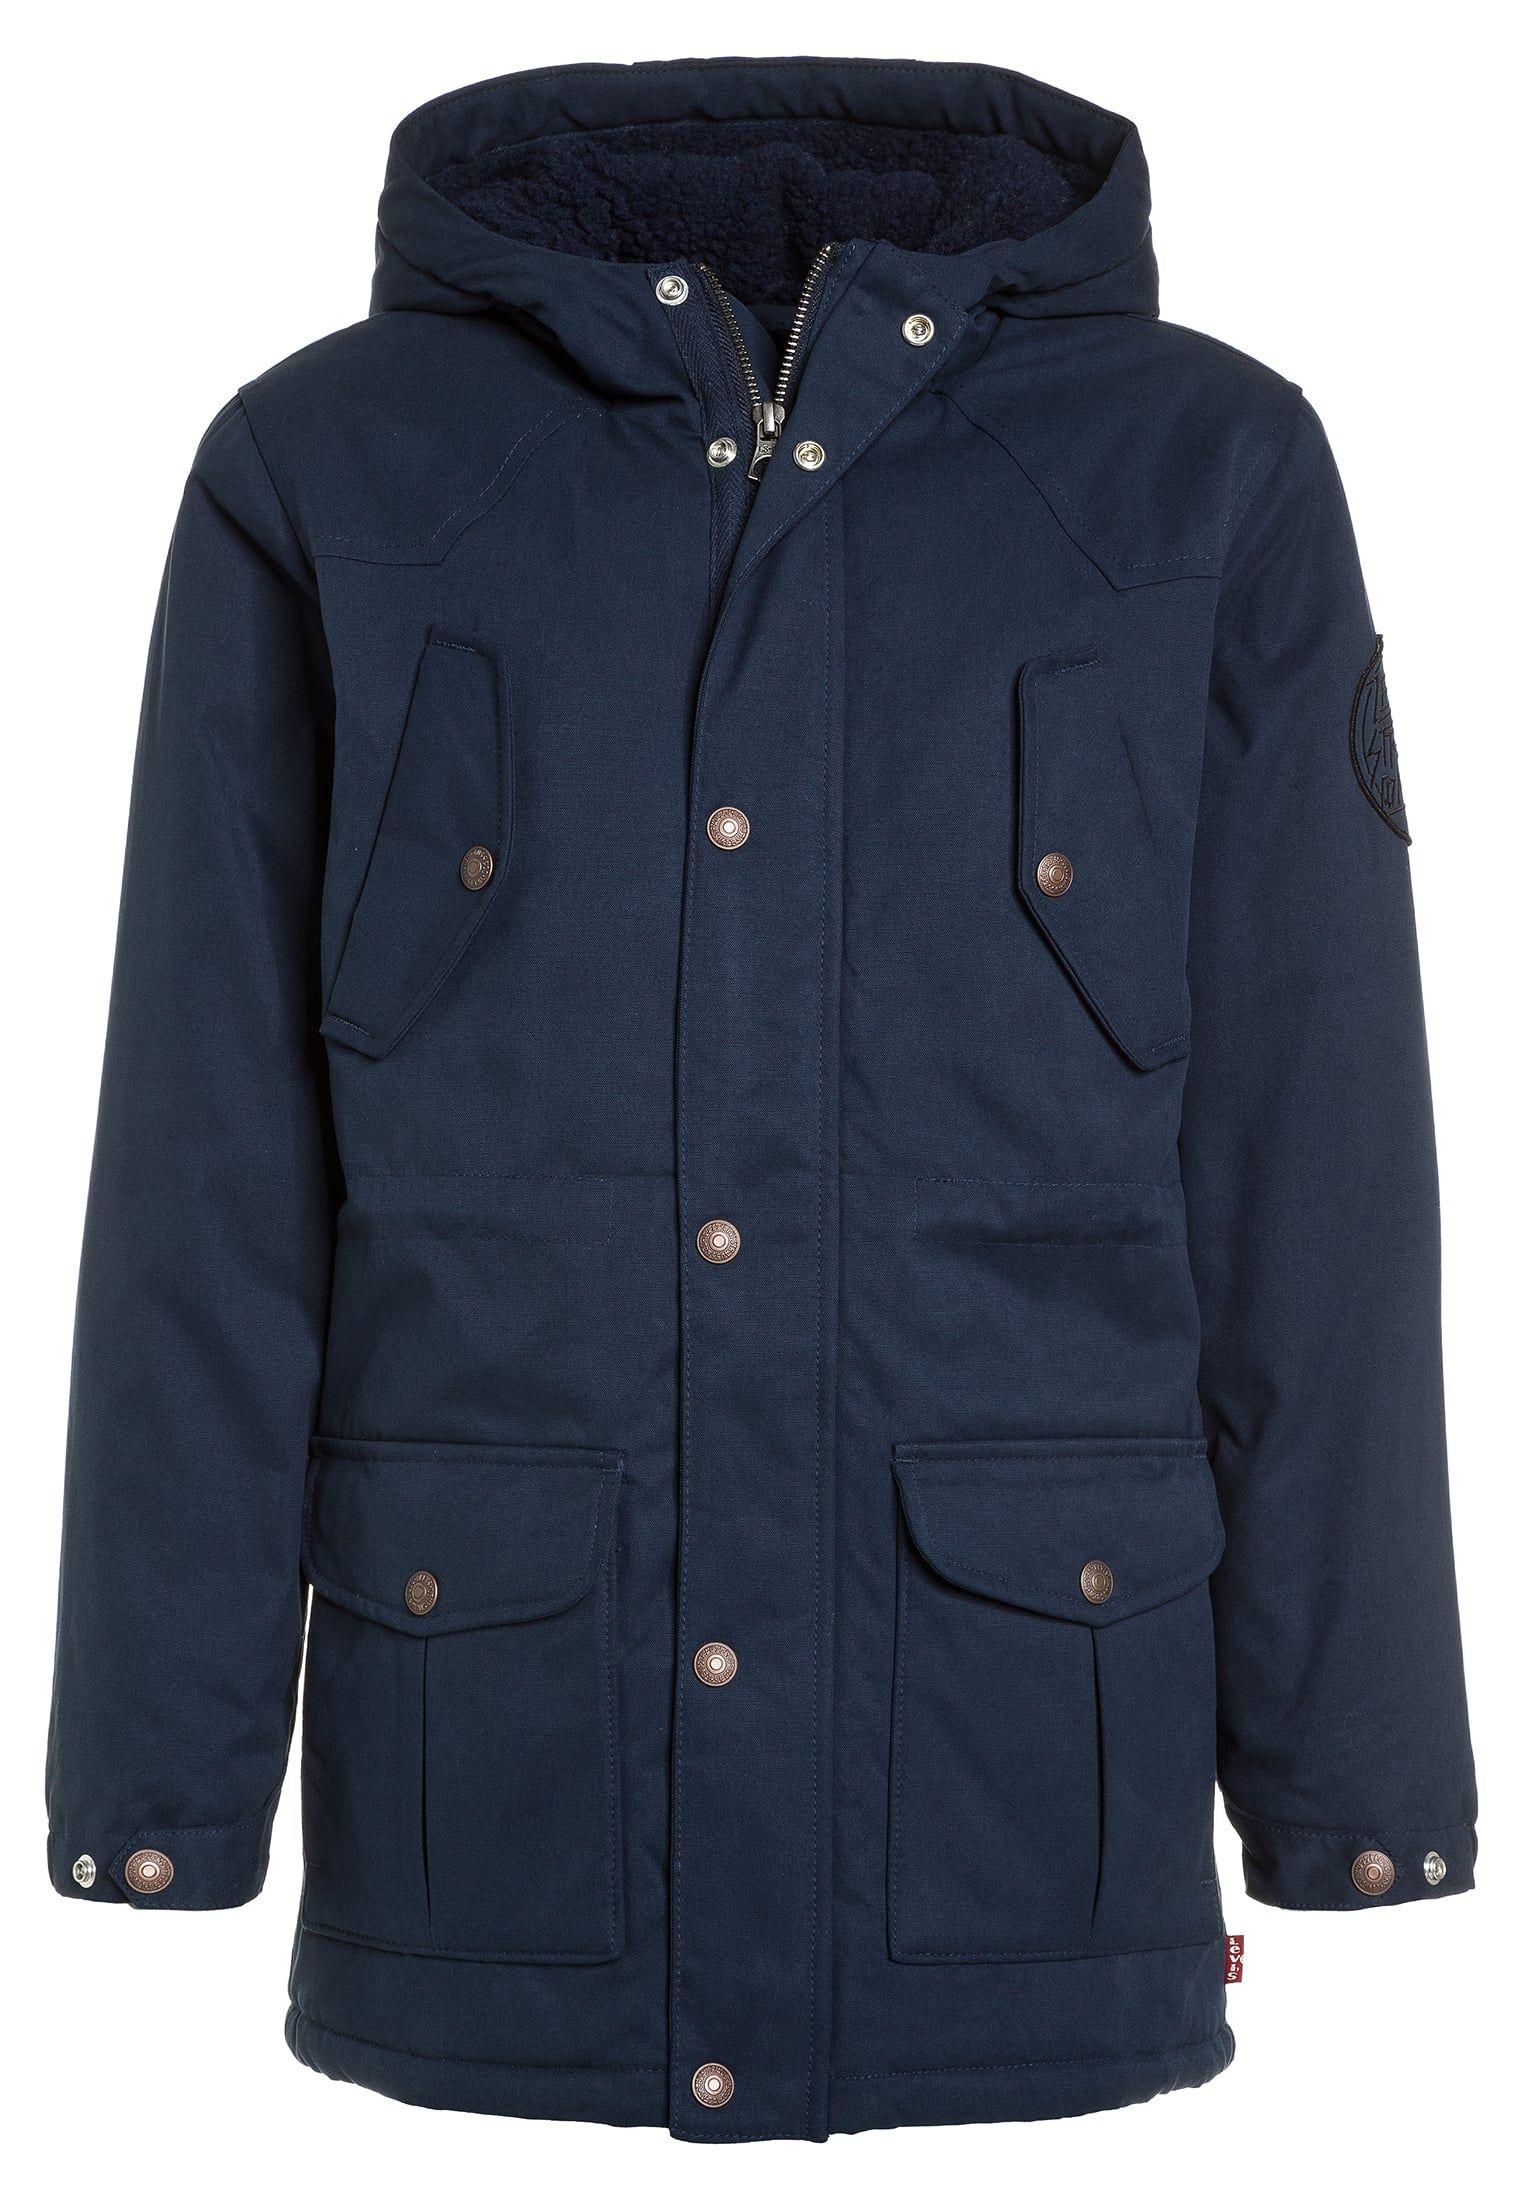 Blue Dress D'hiver Manteaux Veste Manteau Levi's® Bleu Fl1J3TuKc5